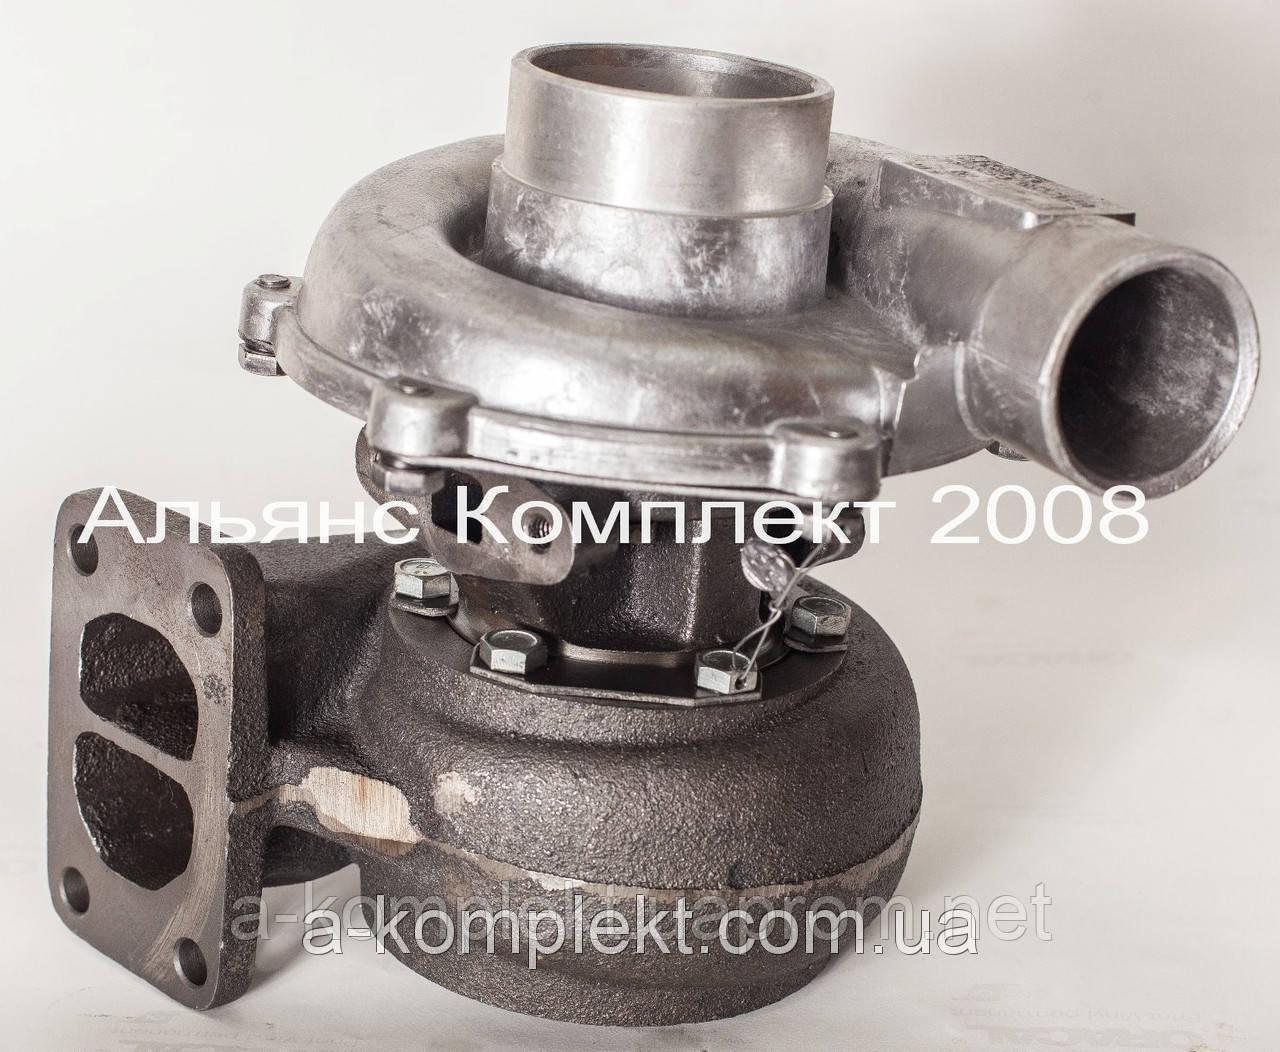 Турбокомпрессор ТКР 7 ТТ-01.3 (ТКР 7 ТТ 01.3А) (700-1118010-03)